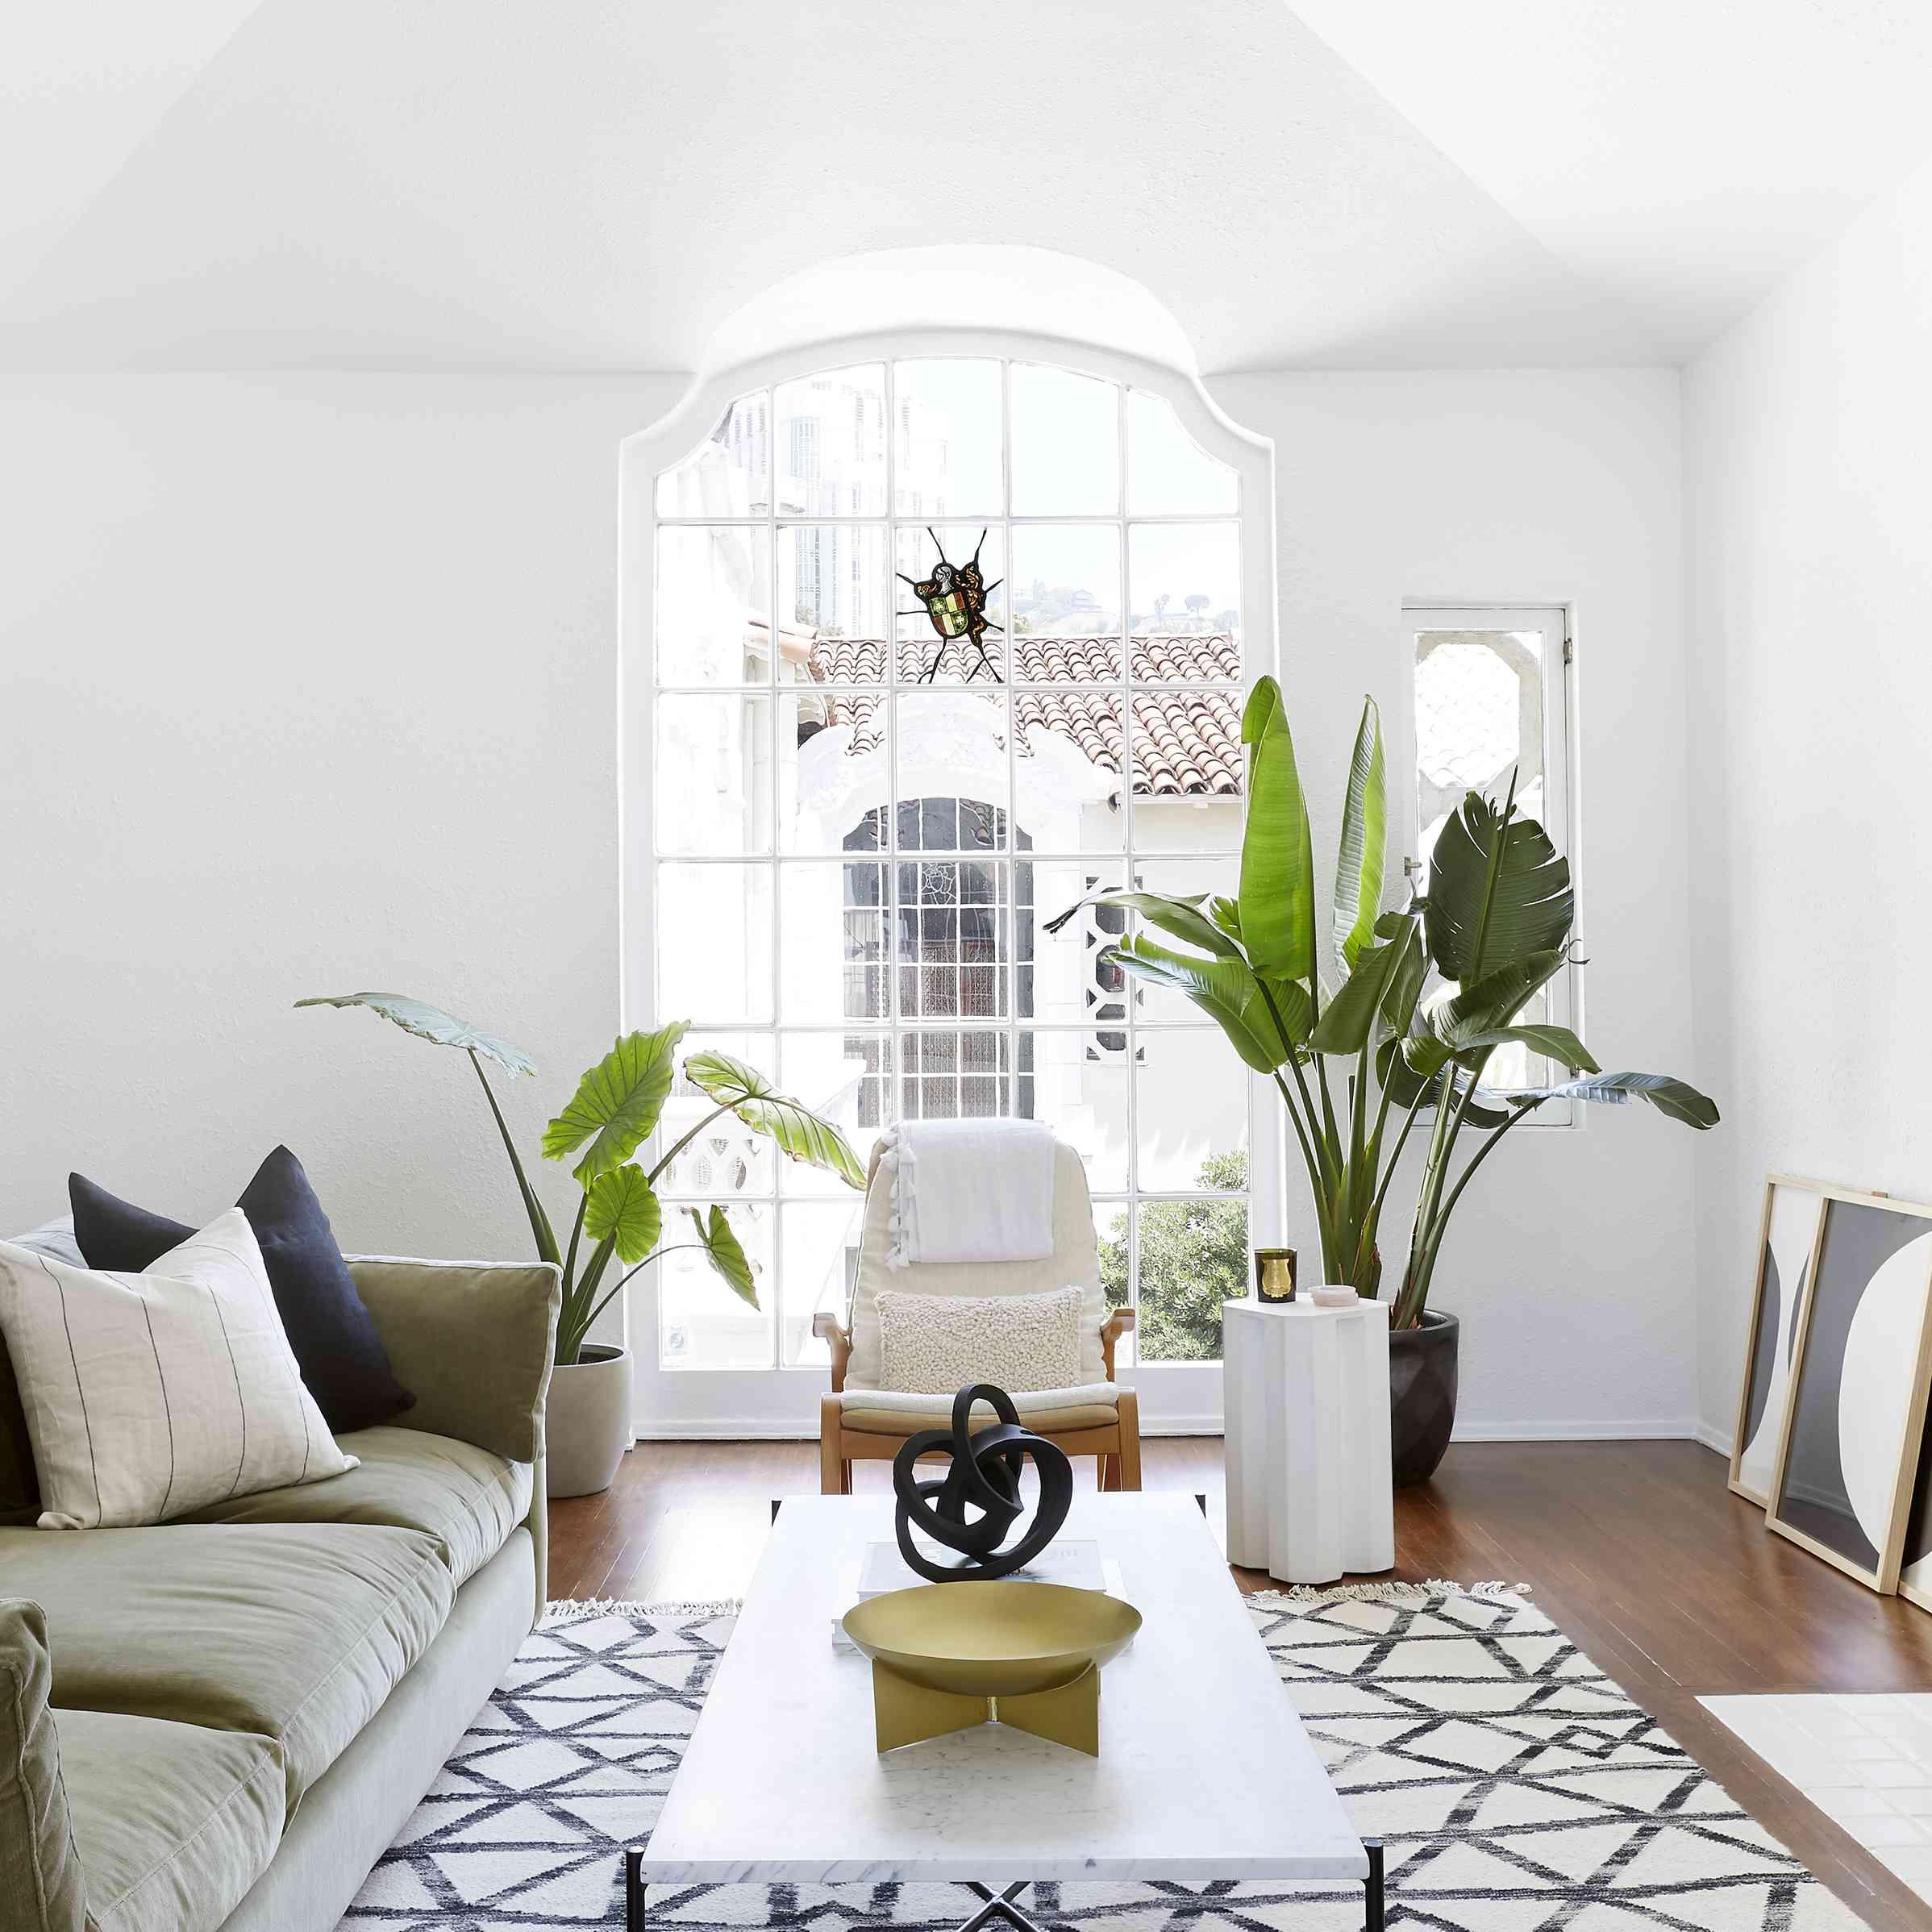 sala de estar con detalles arquitectónicos de inspiración española.